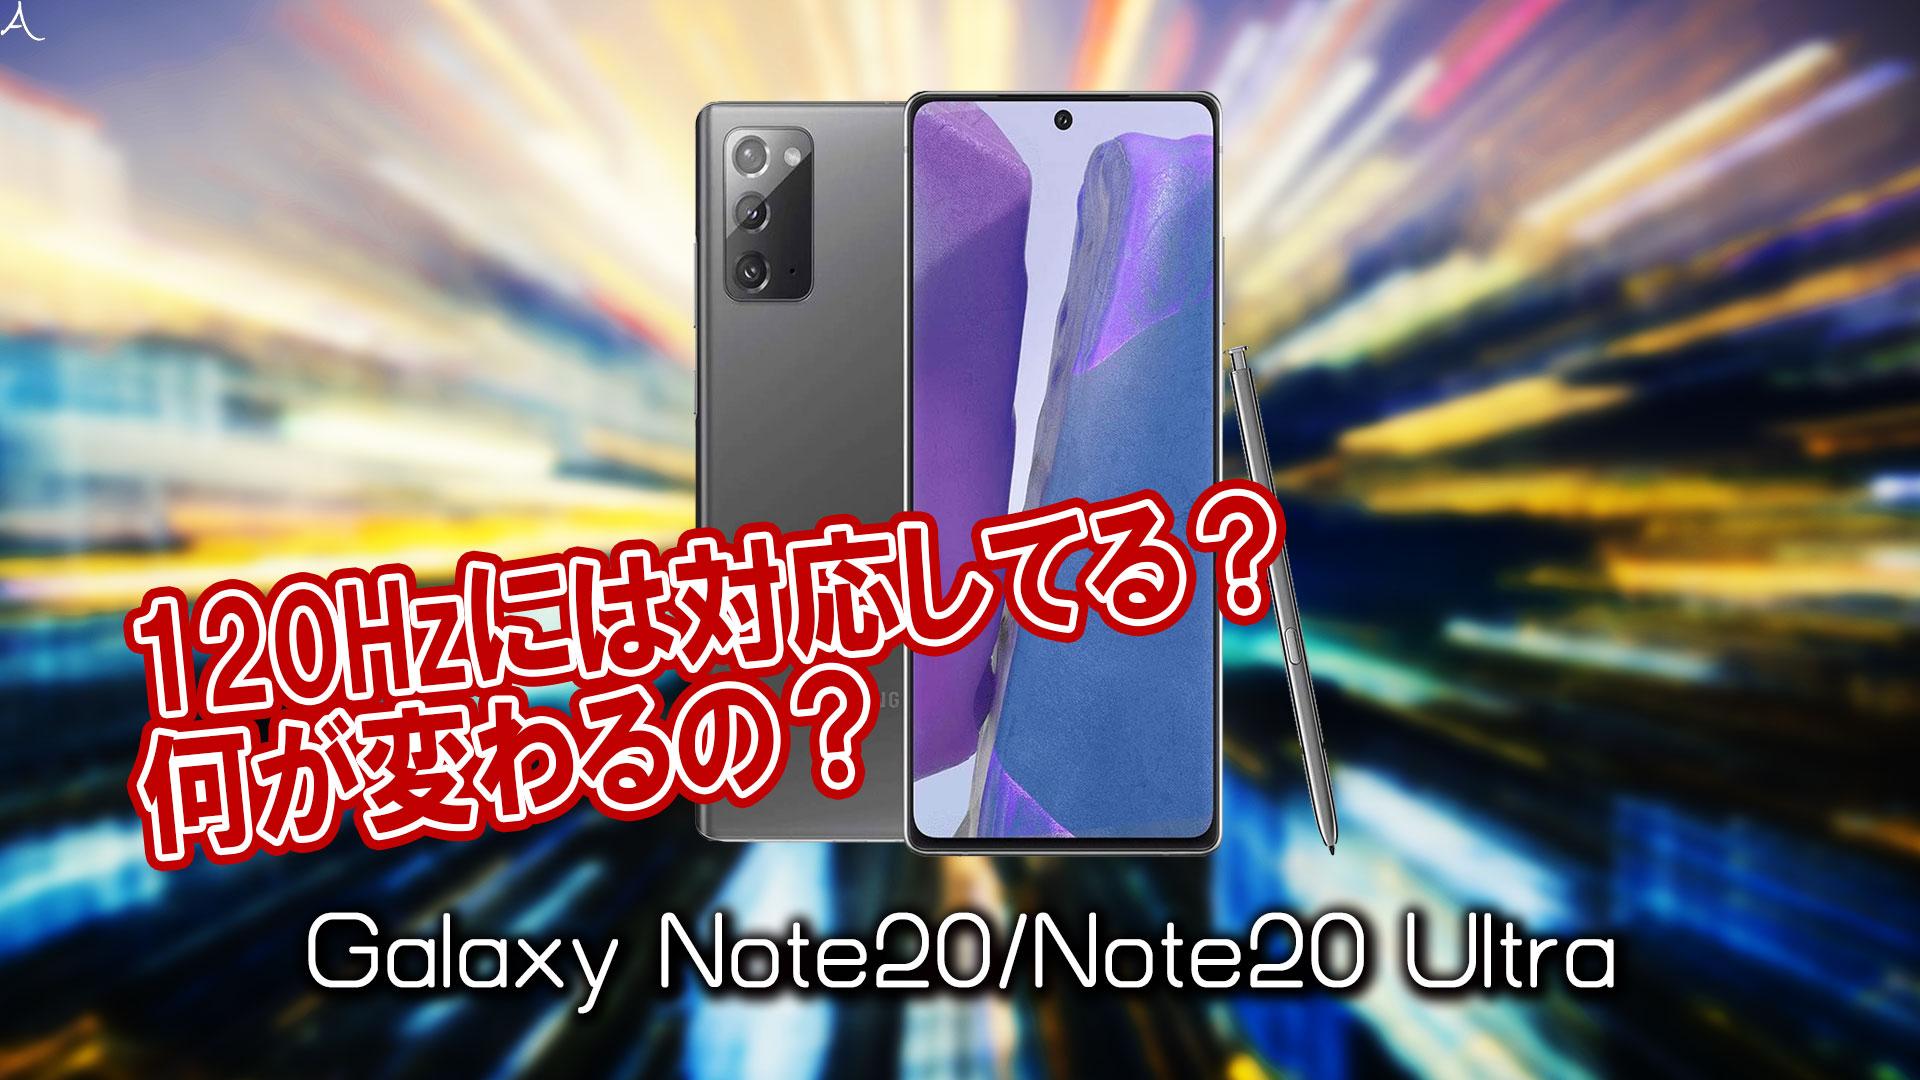 「Galaxy Note20/Note20 Ultra」のリフレッシュレートはいくつ?120Hzには対応してる?